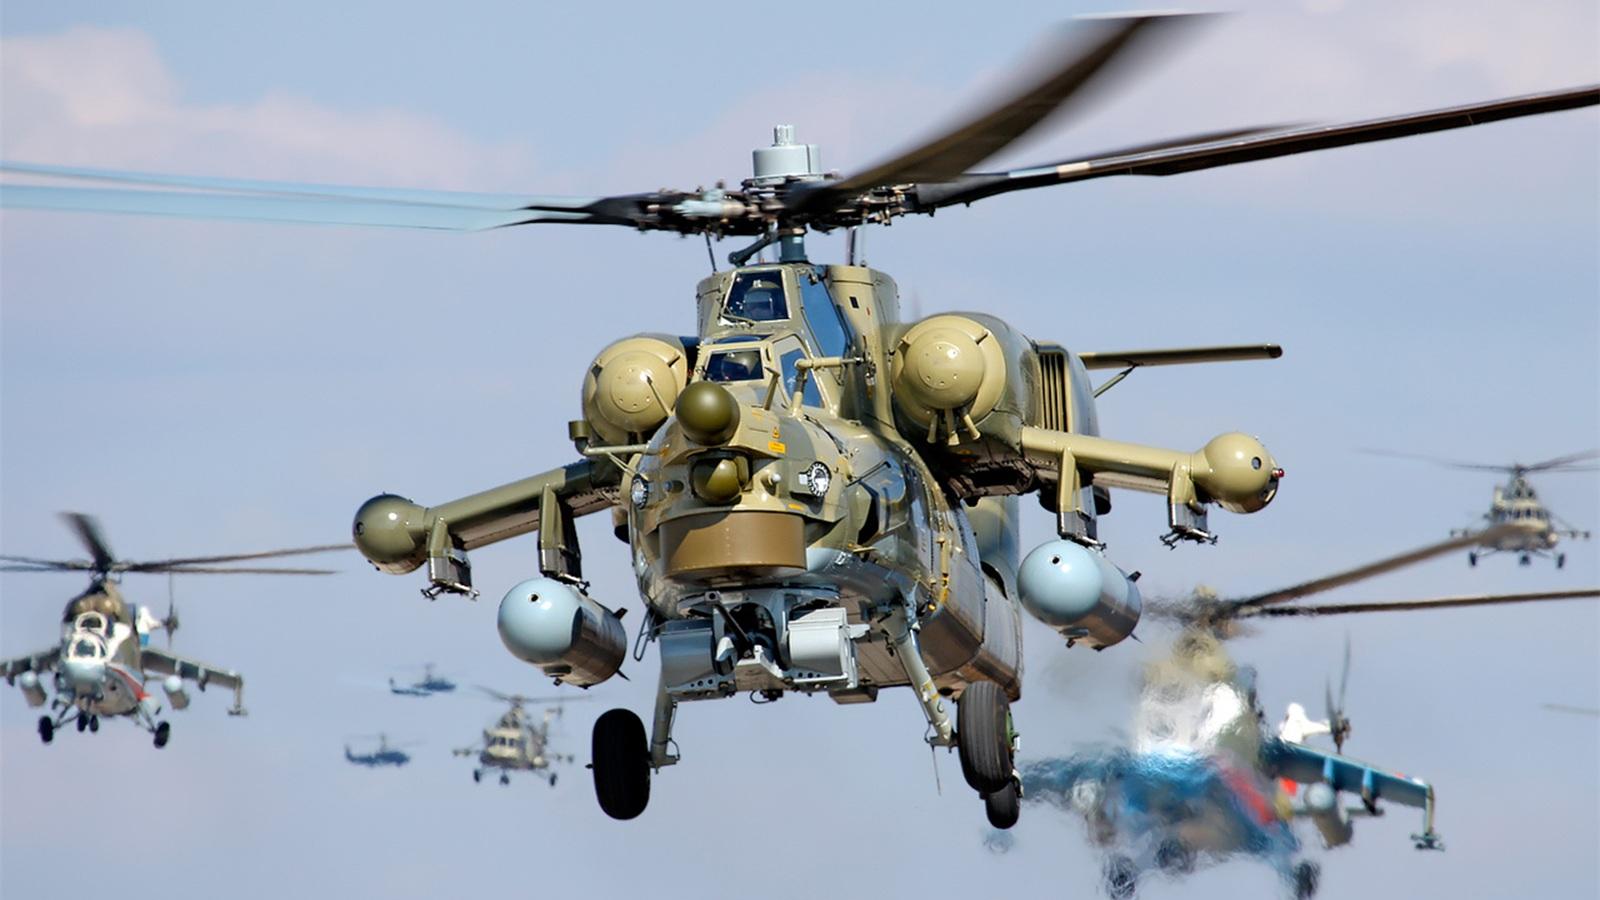 軍のヘリコプターが飛んで 壁紙 - 1600x900    1600x900 壁紙ダウンロード